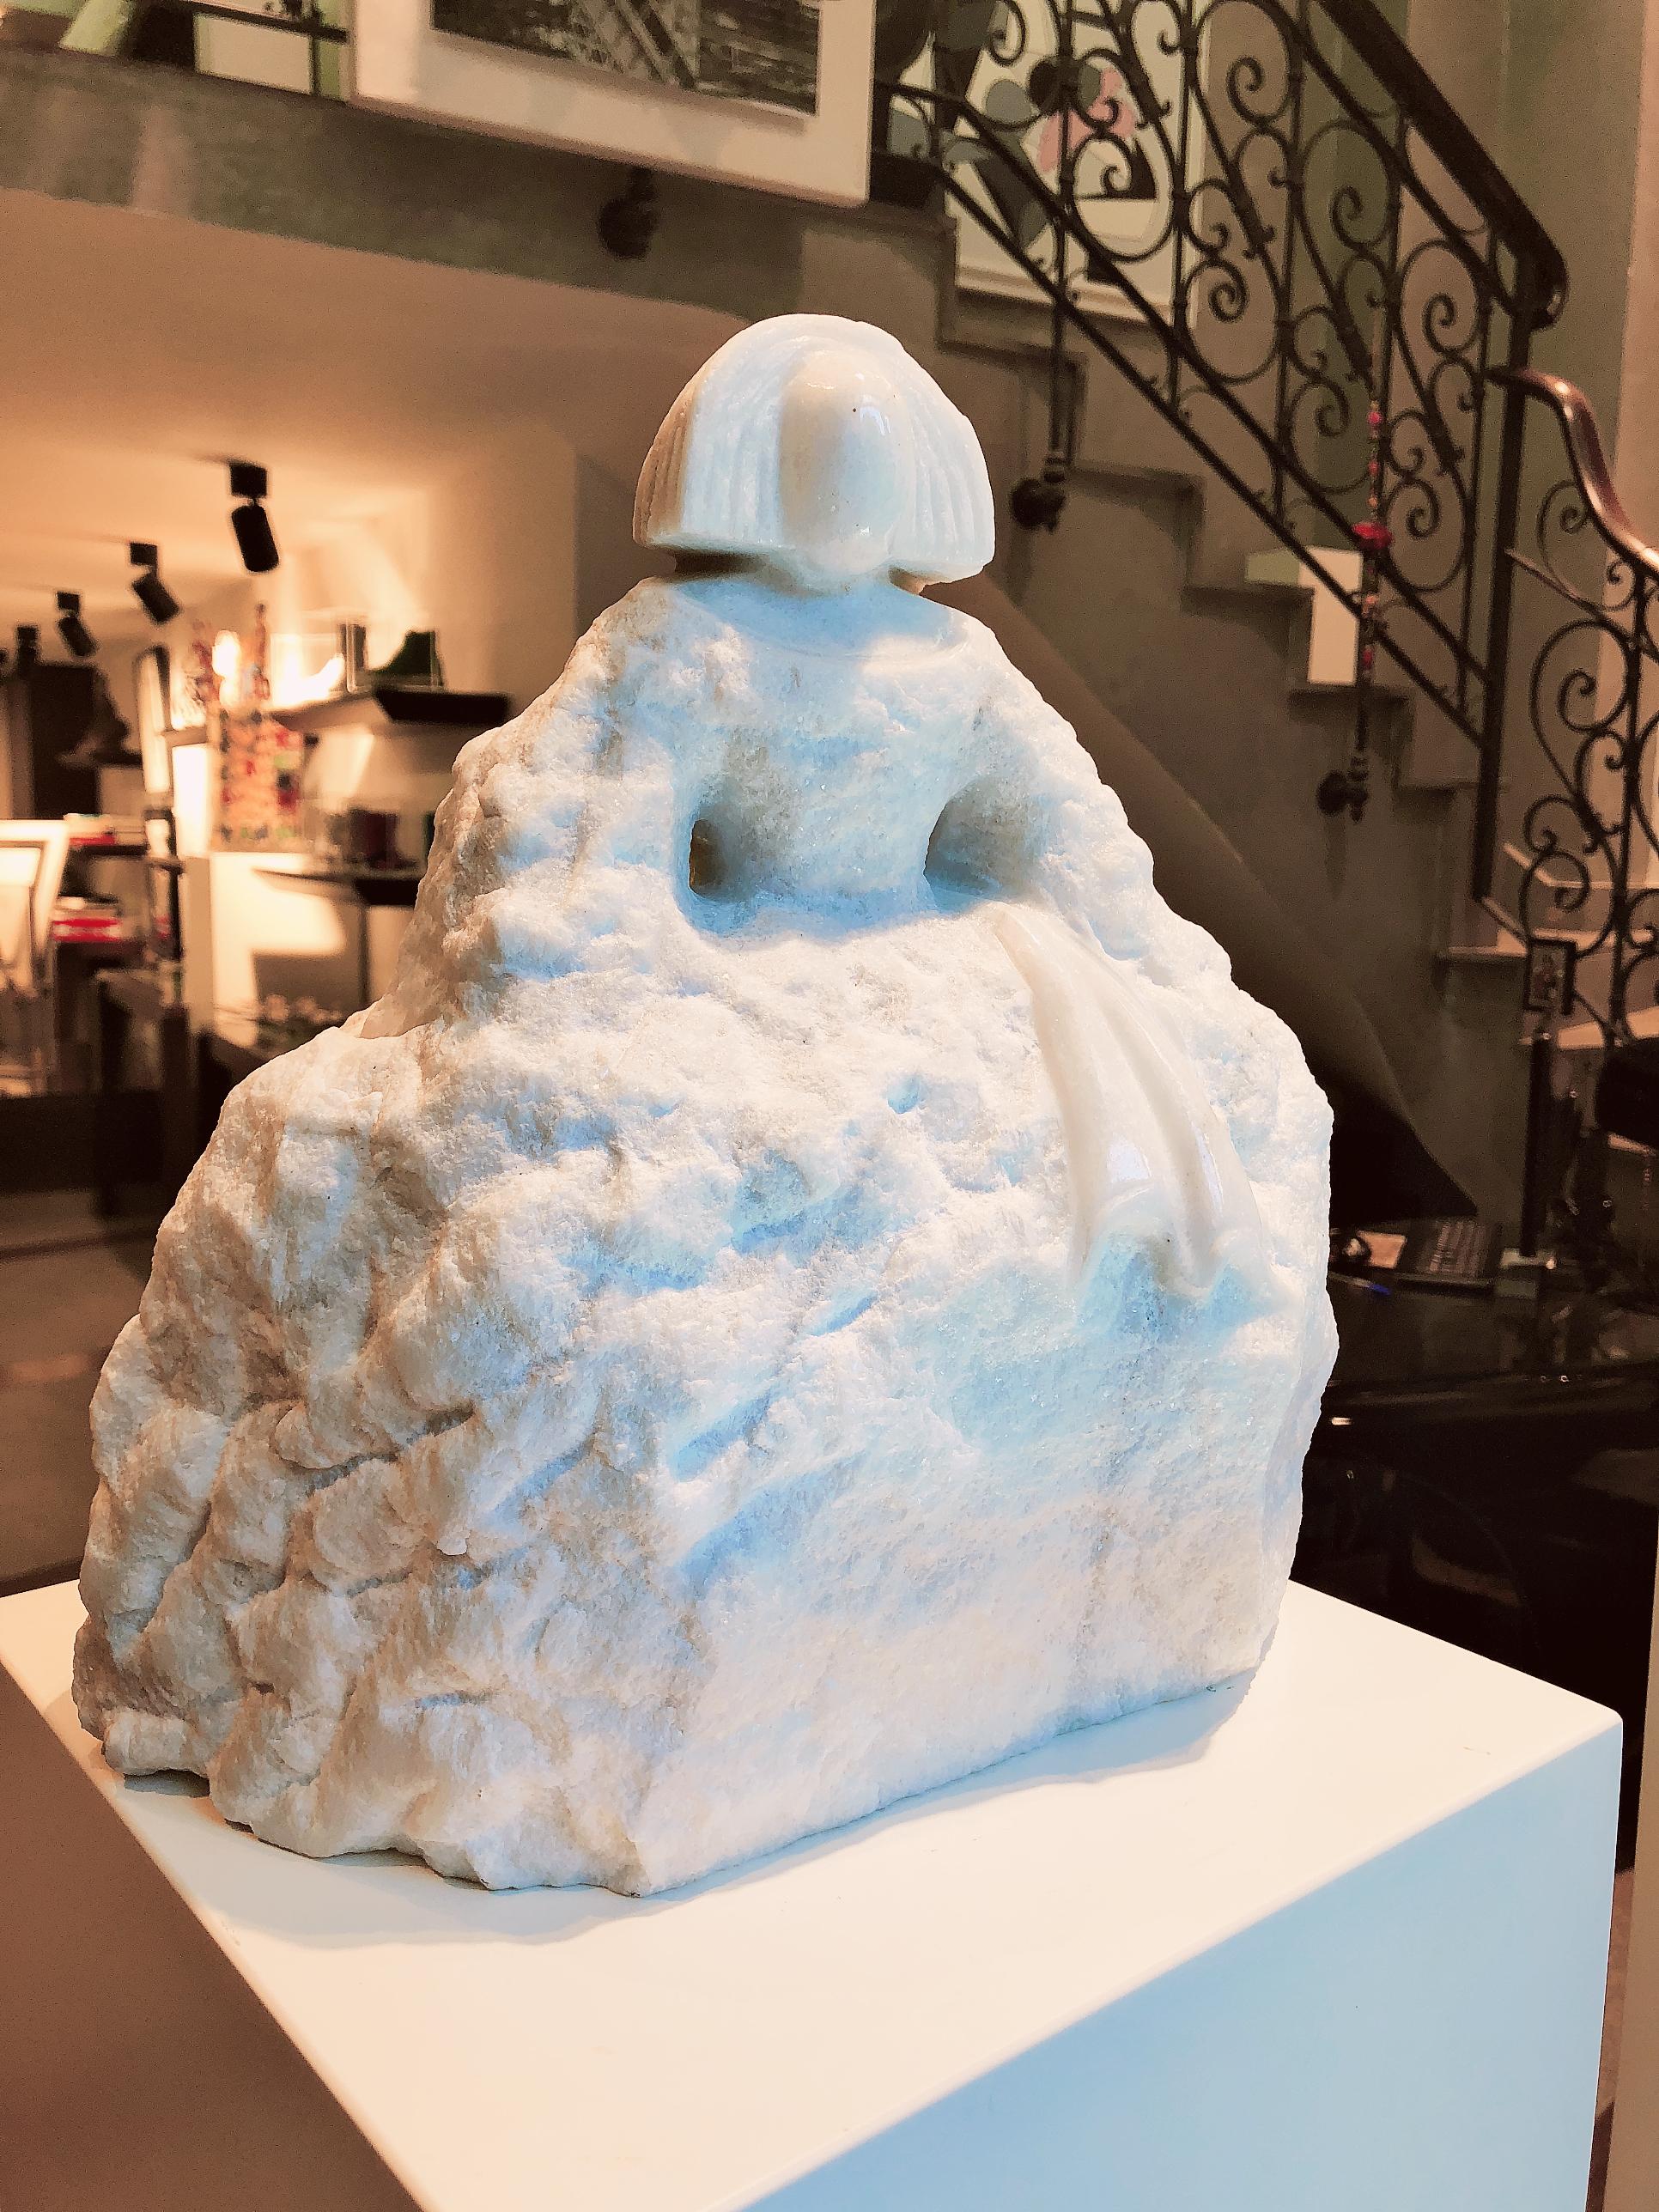 Infanta - 2018White marble30 x 30 x 20 cm